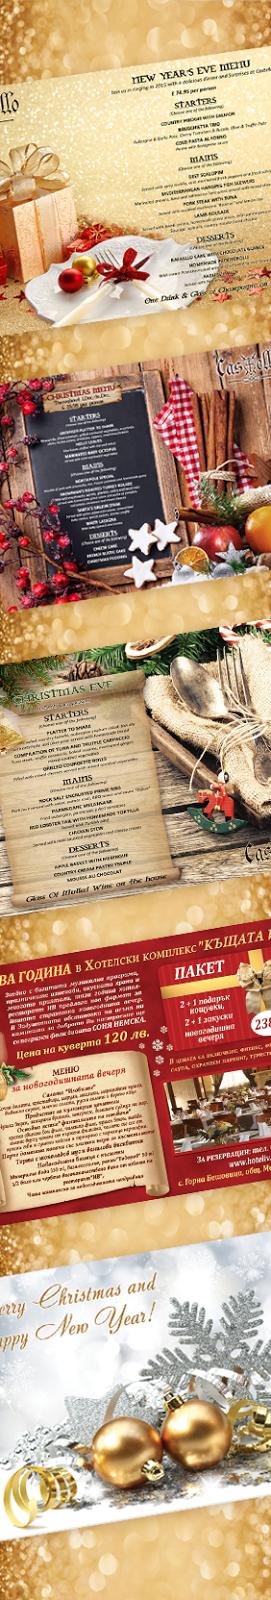 Коледни и Новогодишни менюта, куверти, рекламни флаери, покани и картички